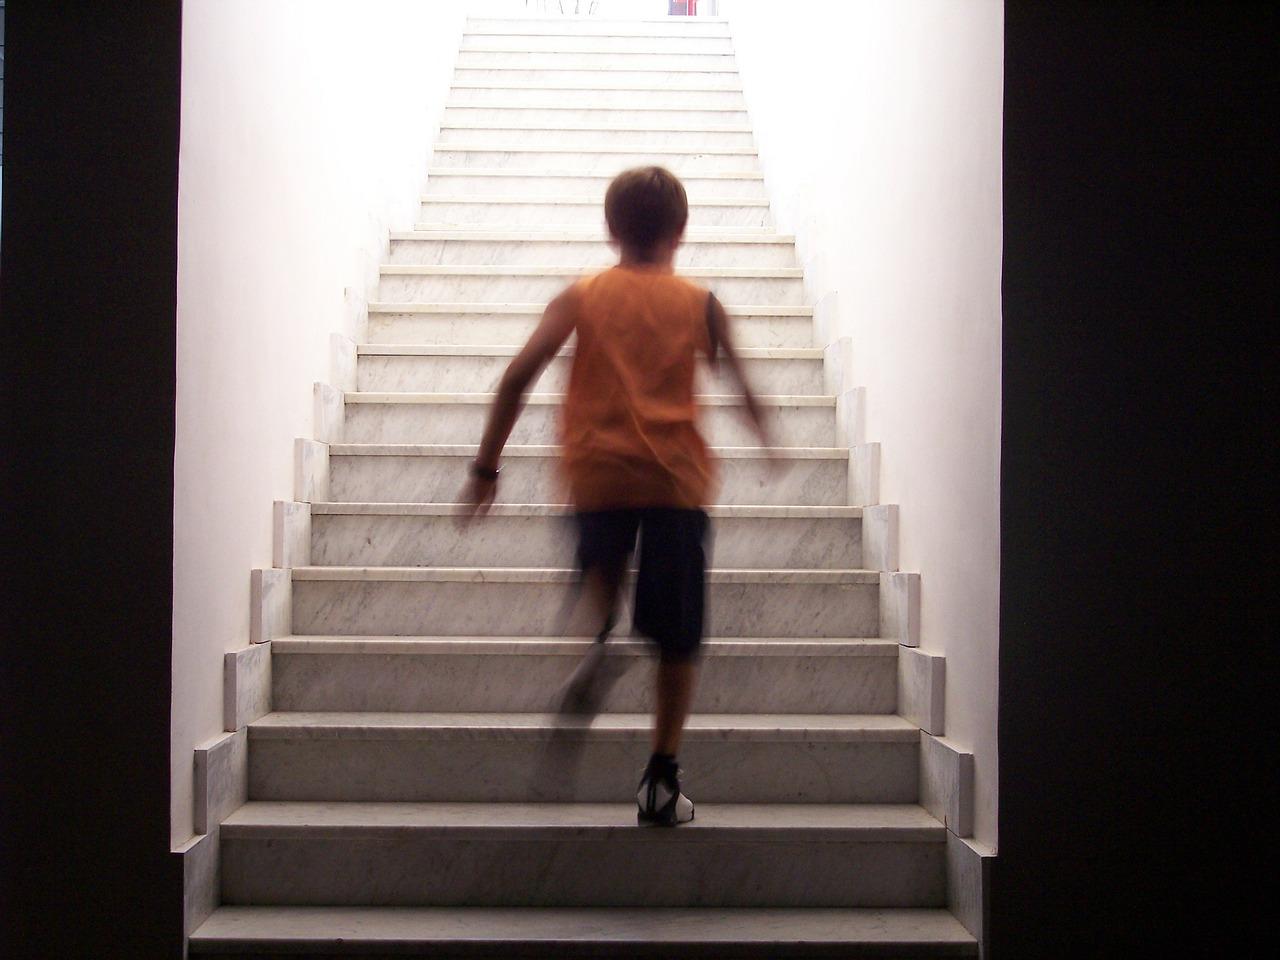 4.上下樓梯 想讓腿變漂亮嗎?爬樓梯就對了!如果不想出門,做一個高度大概在小腿一半的平台,在平台上下走,同腳上同腳下,然後一直重複。